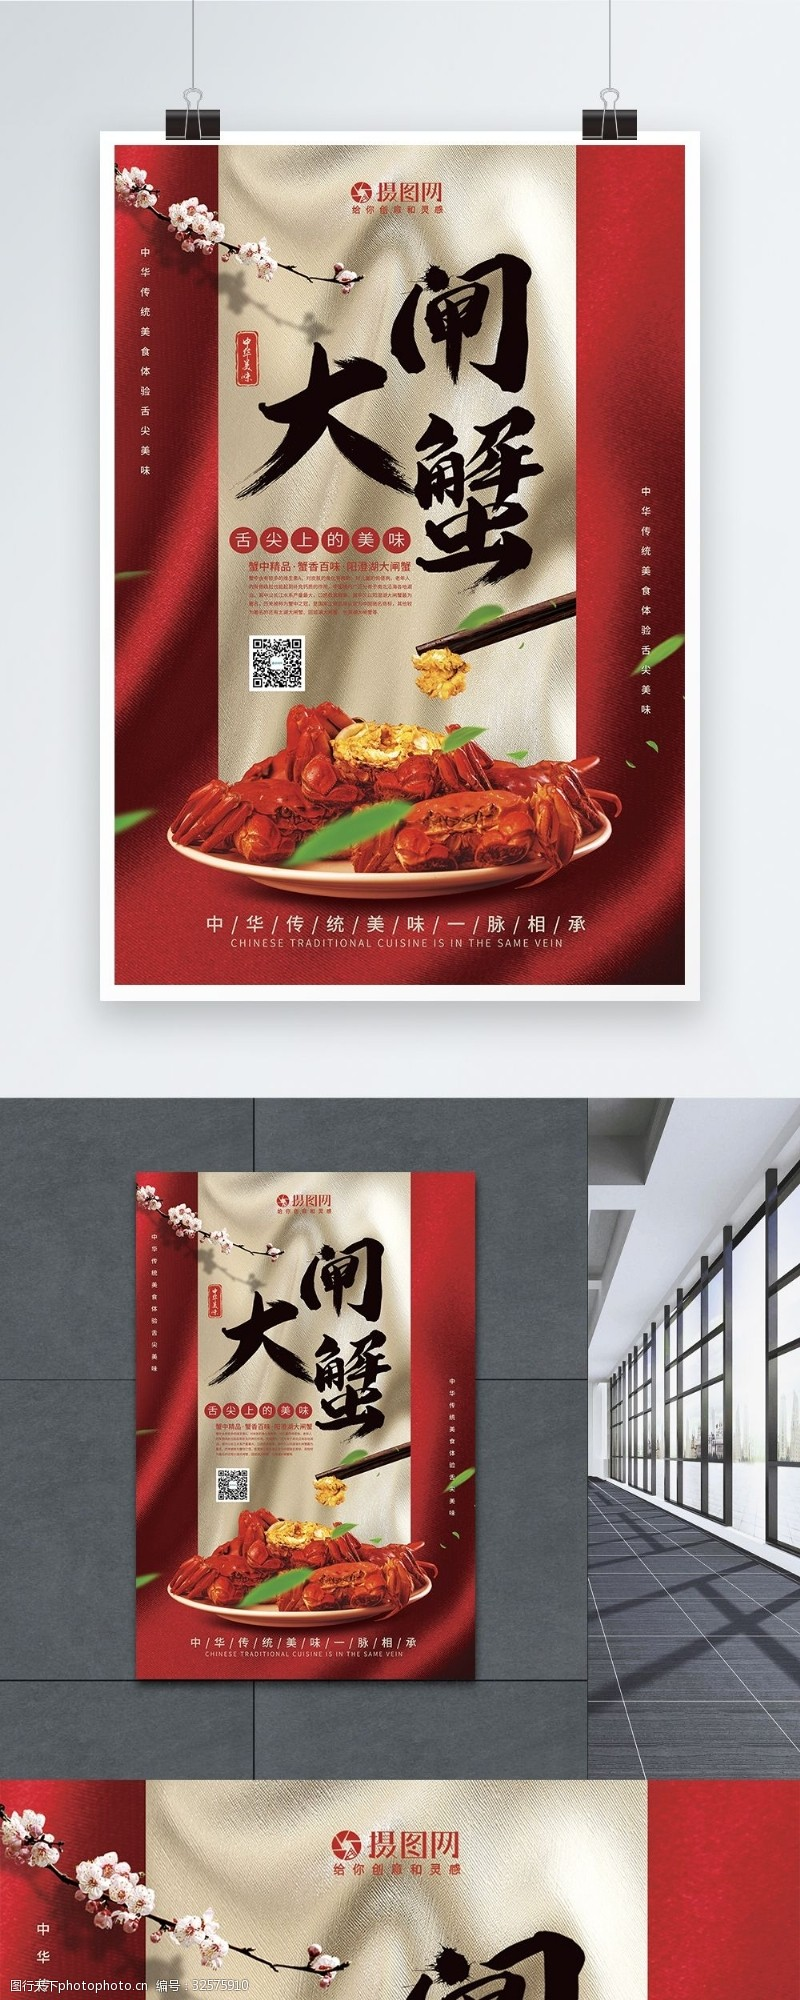 紅色美味大閘蟹海報